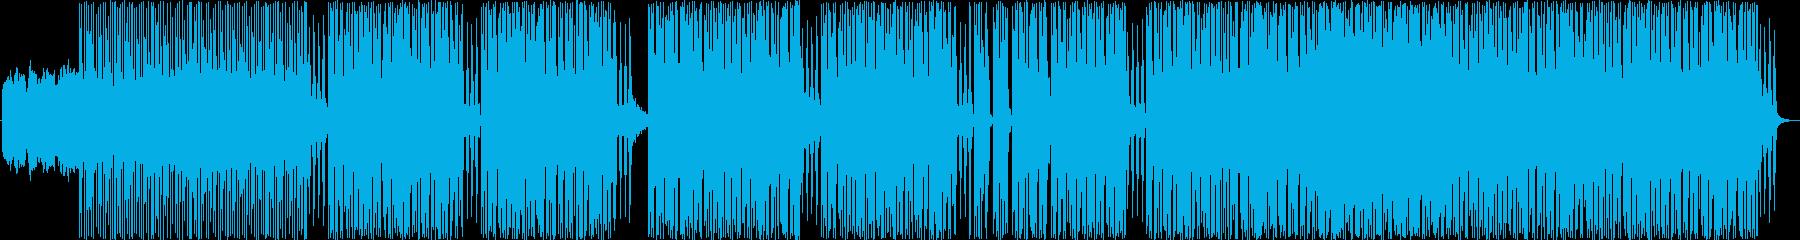 デュランデュラン同様のシンセ、ツー...の再生済みの波形